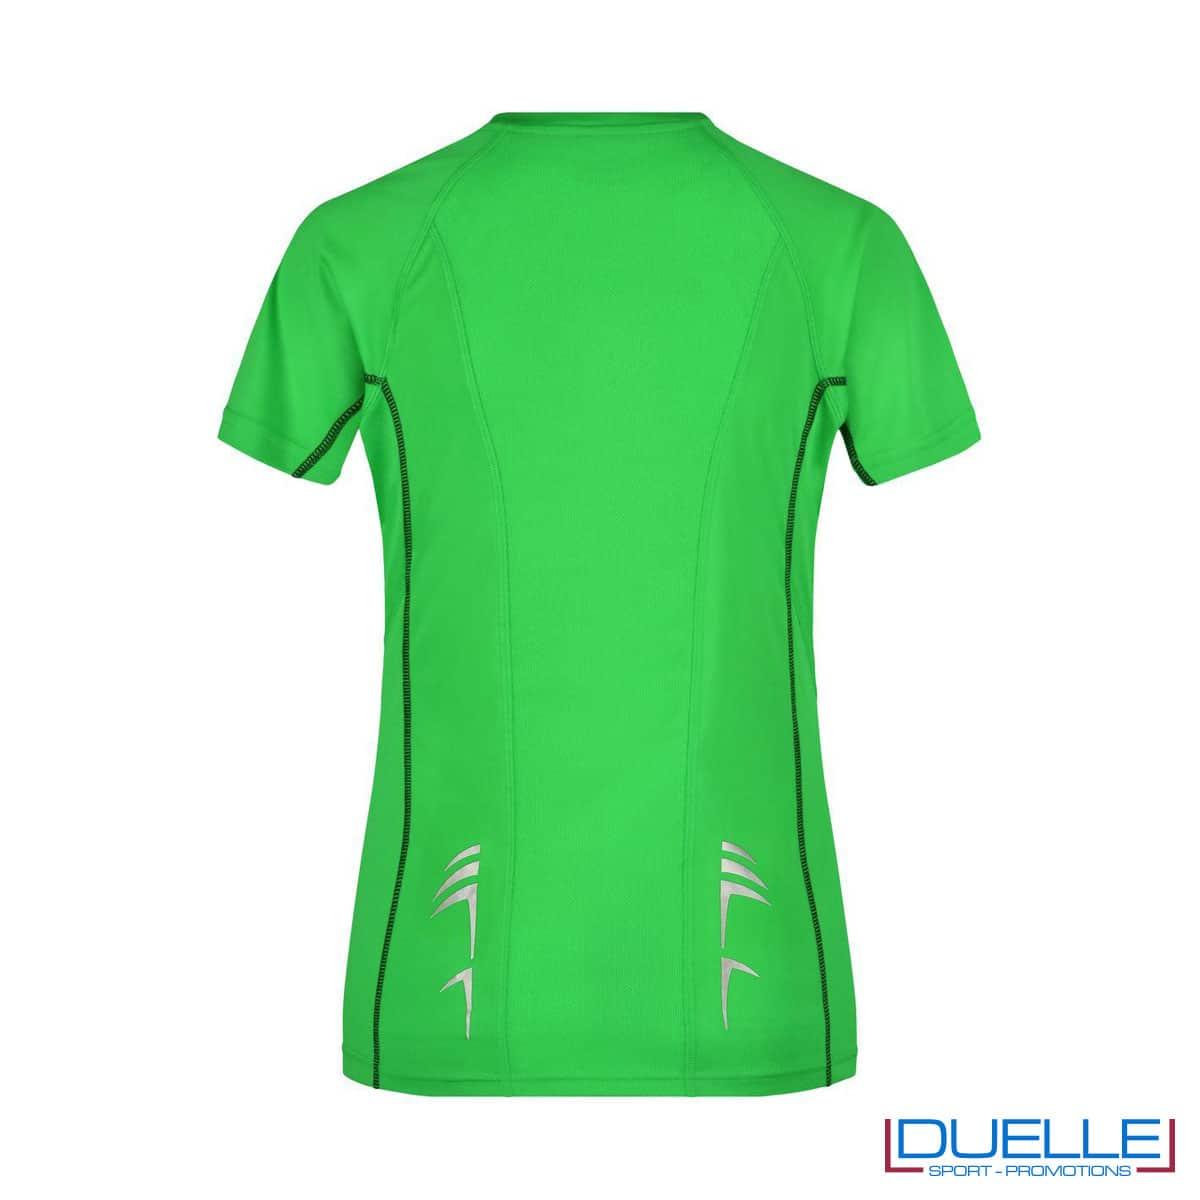 Retro maglia running Coolmax donna colore verde/nero personalizzata